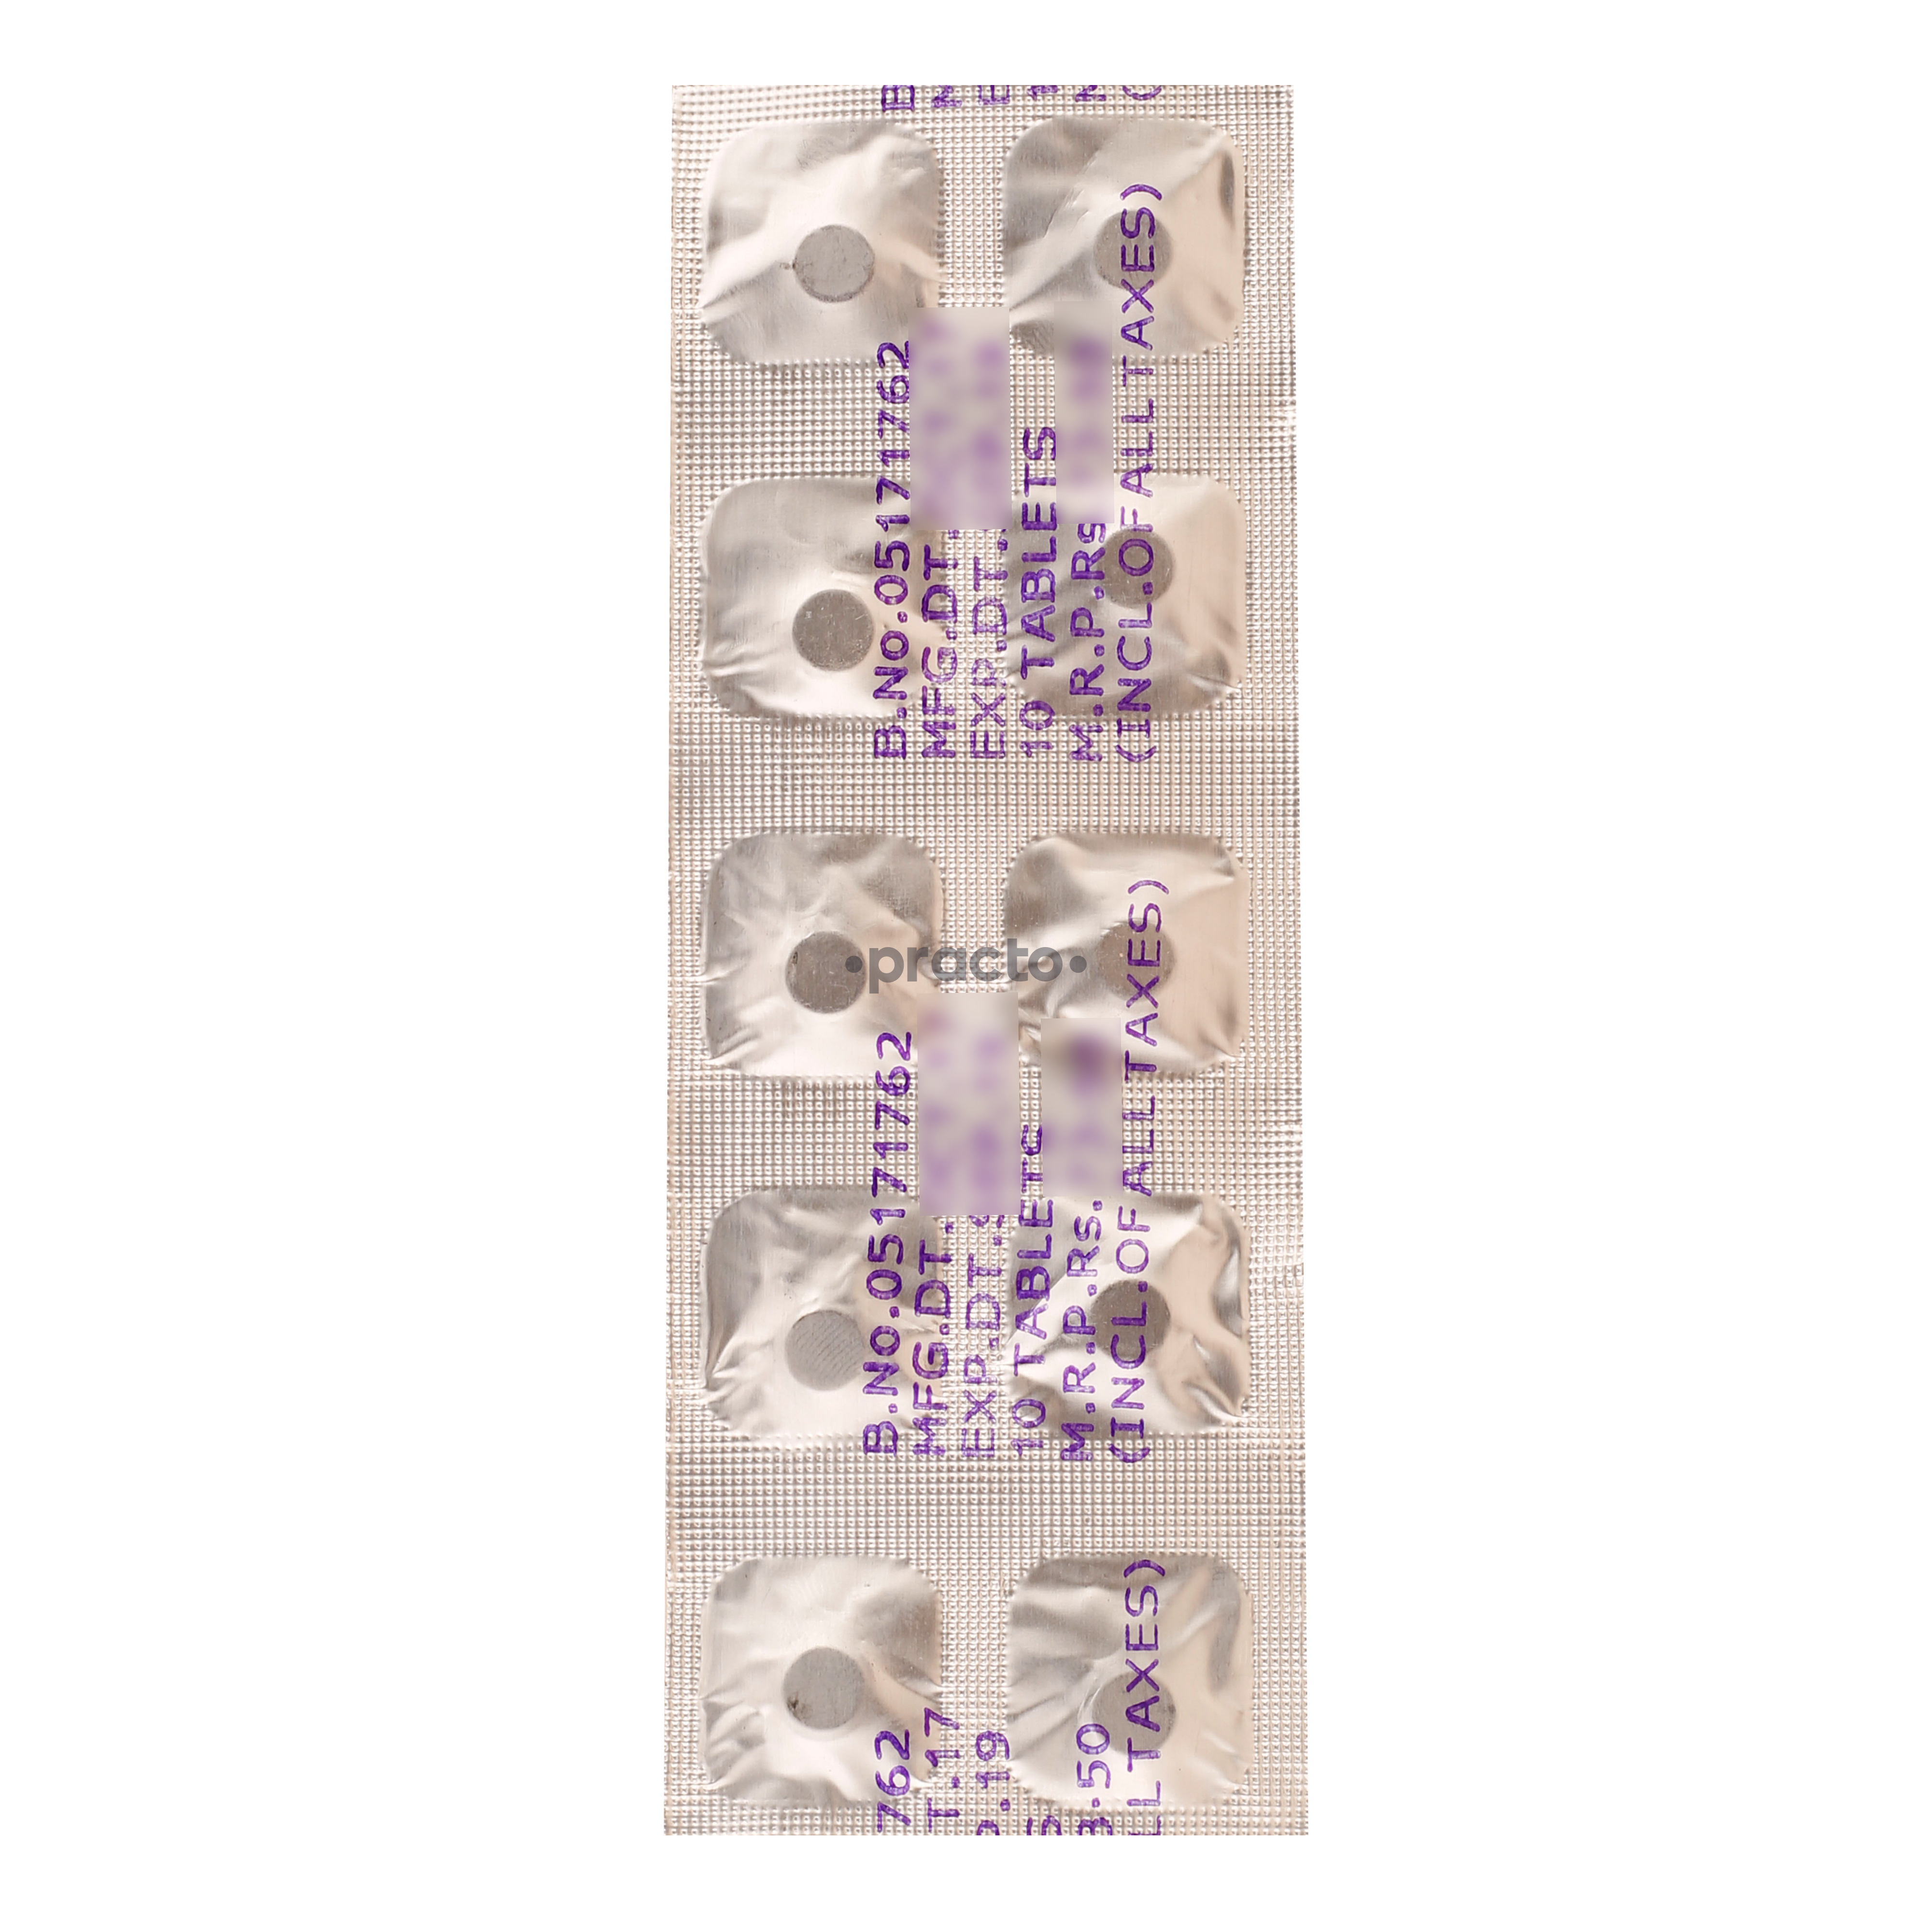 Glucar 25 MG Tablet by Glenmark Pharmaceuticals Ltd.